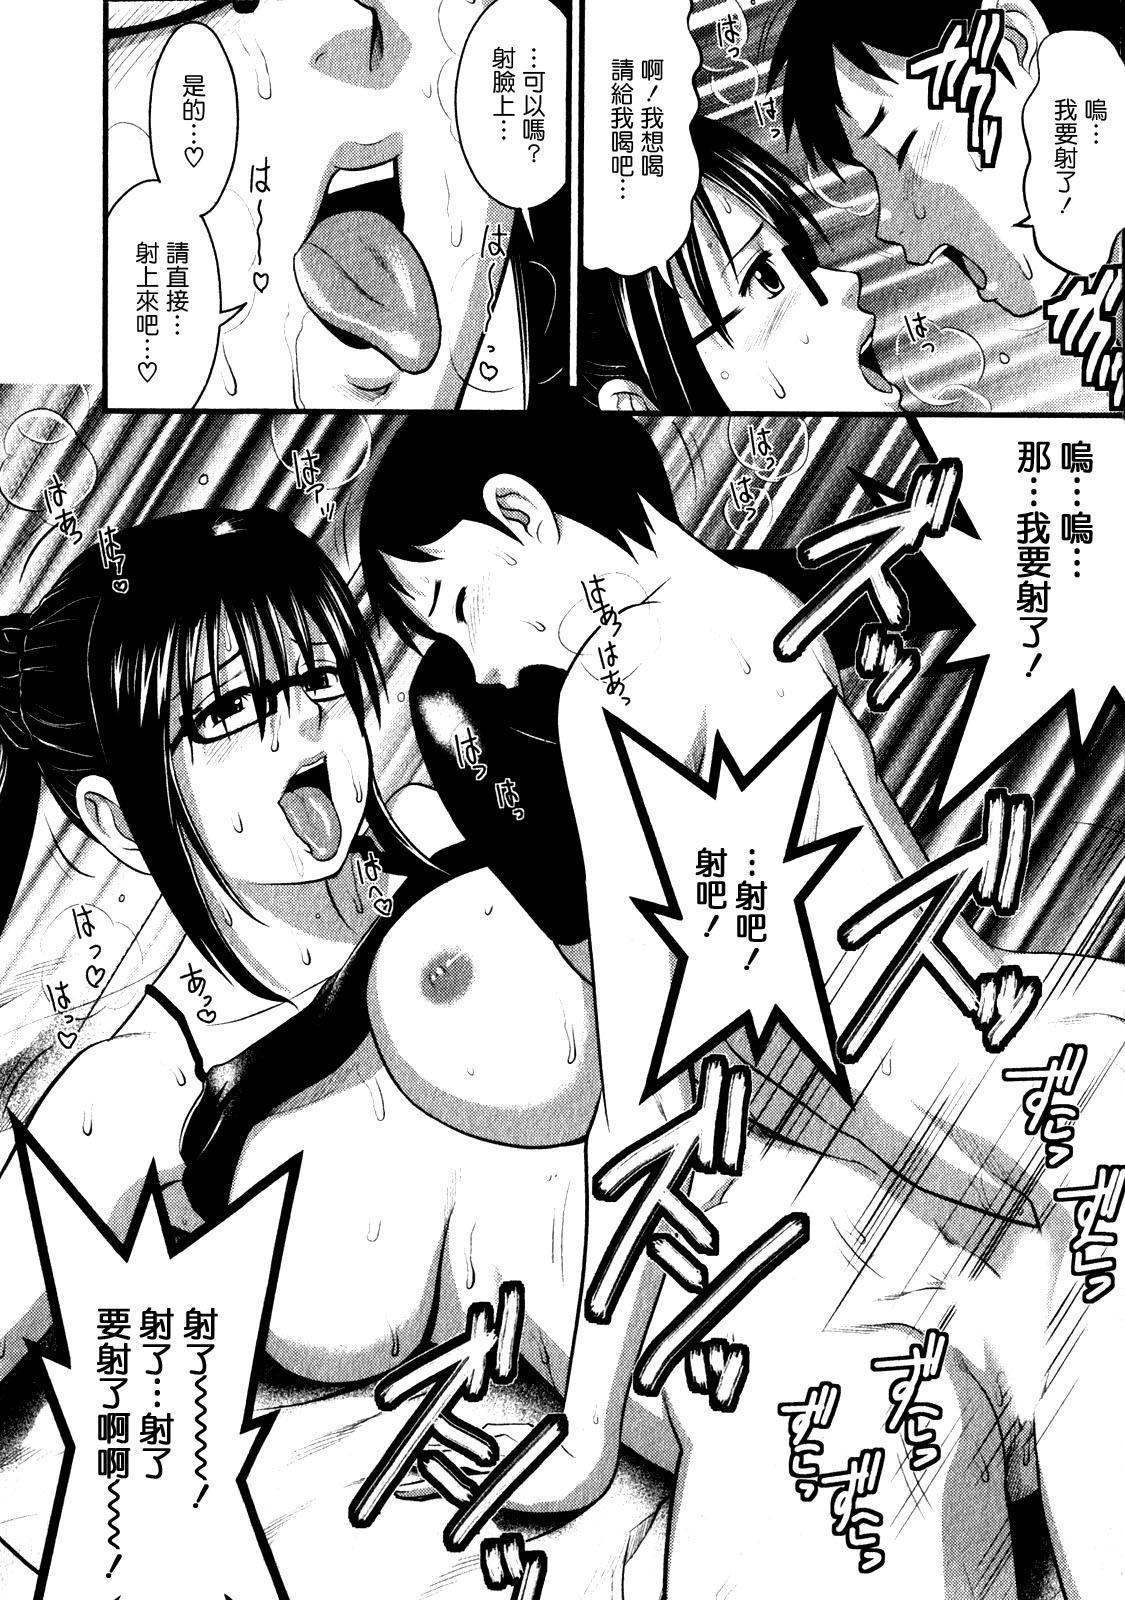 Otaku no Megami-san 1 81